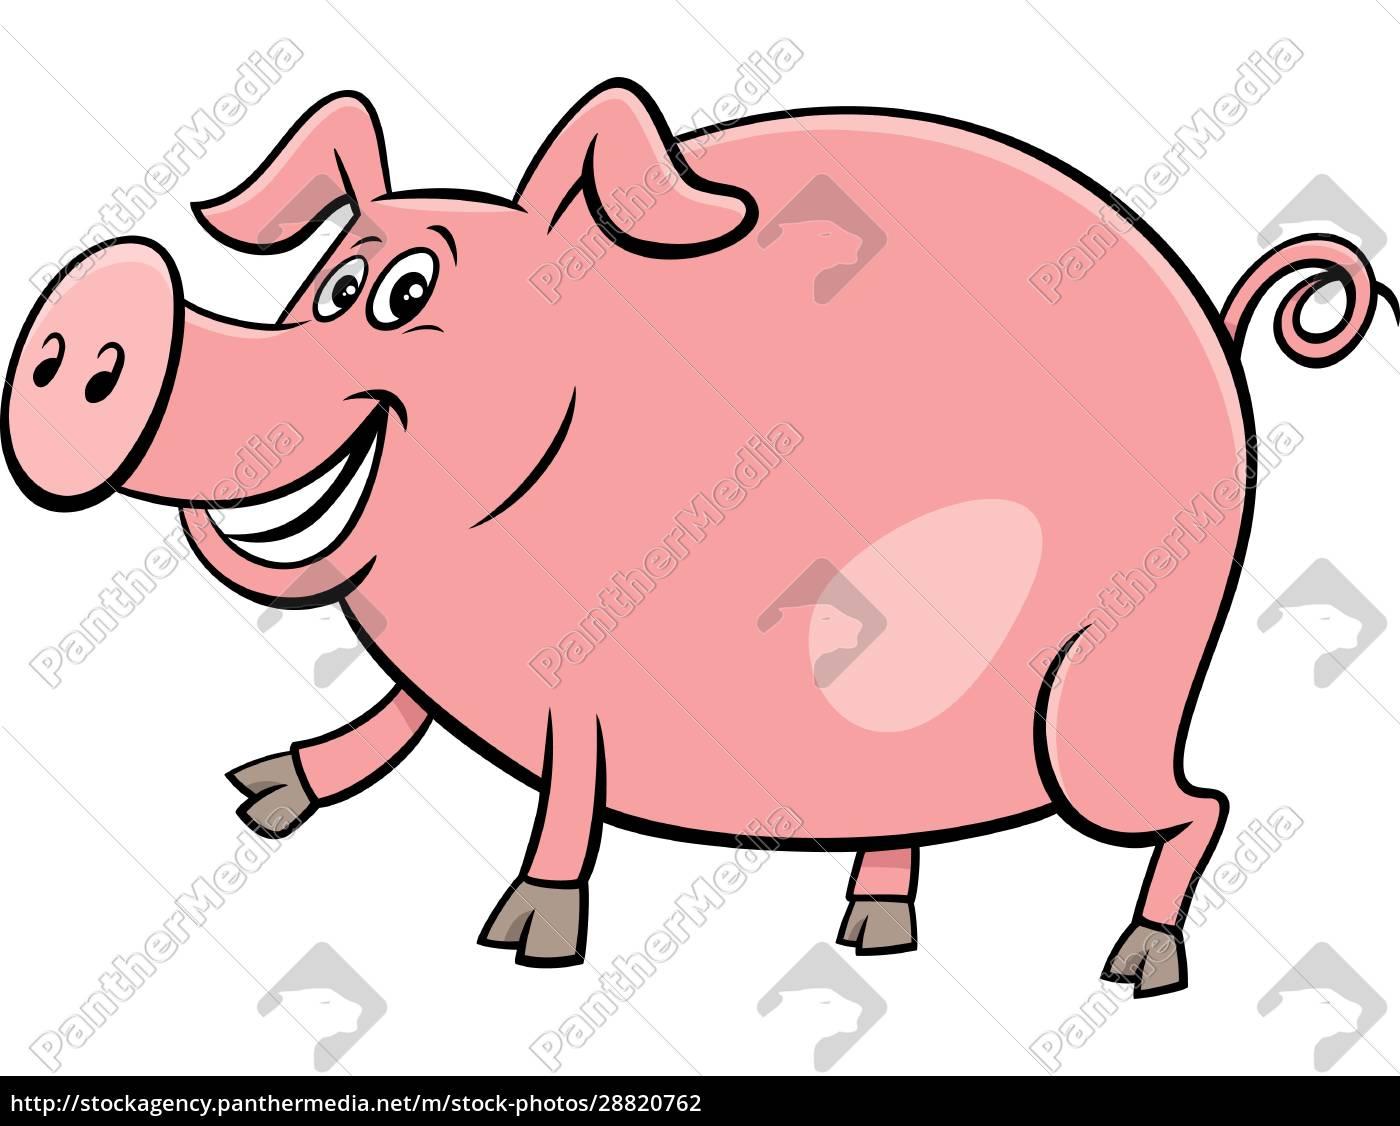 feliz, porco, fazenda, animal, personagem, ilustração - 28820762